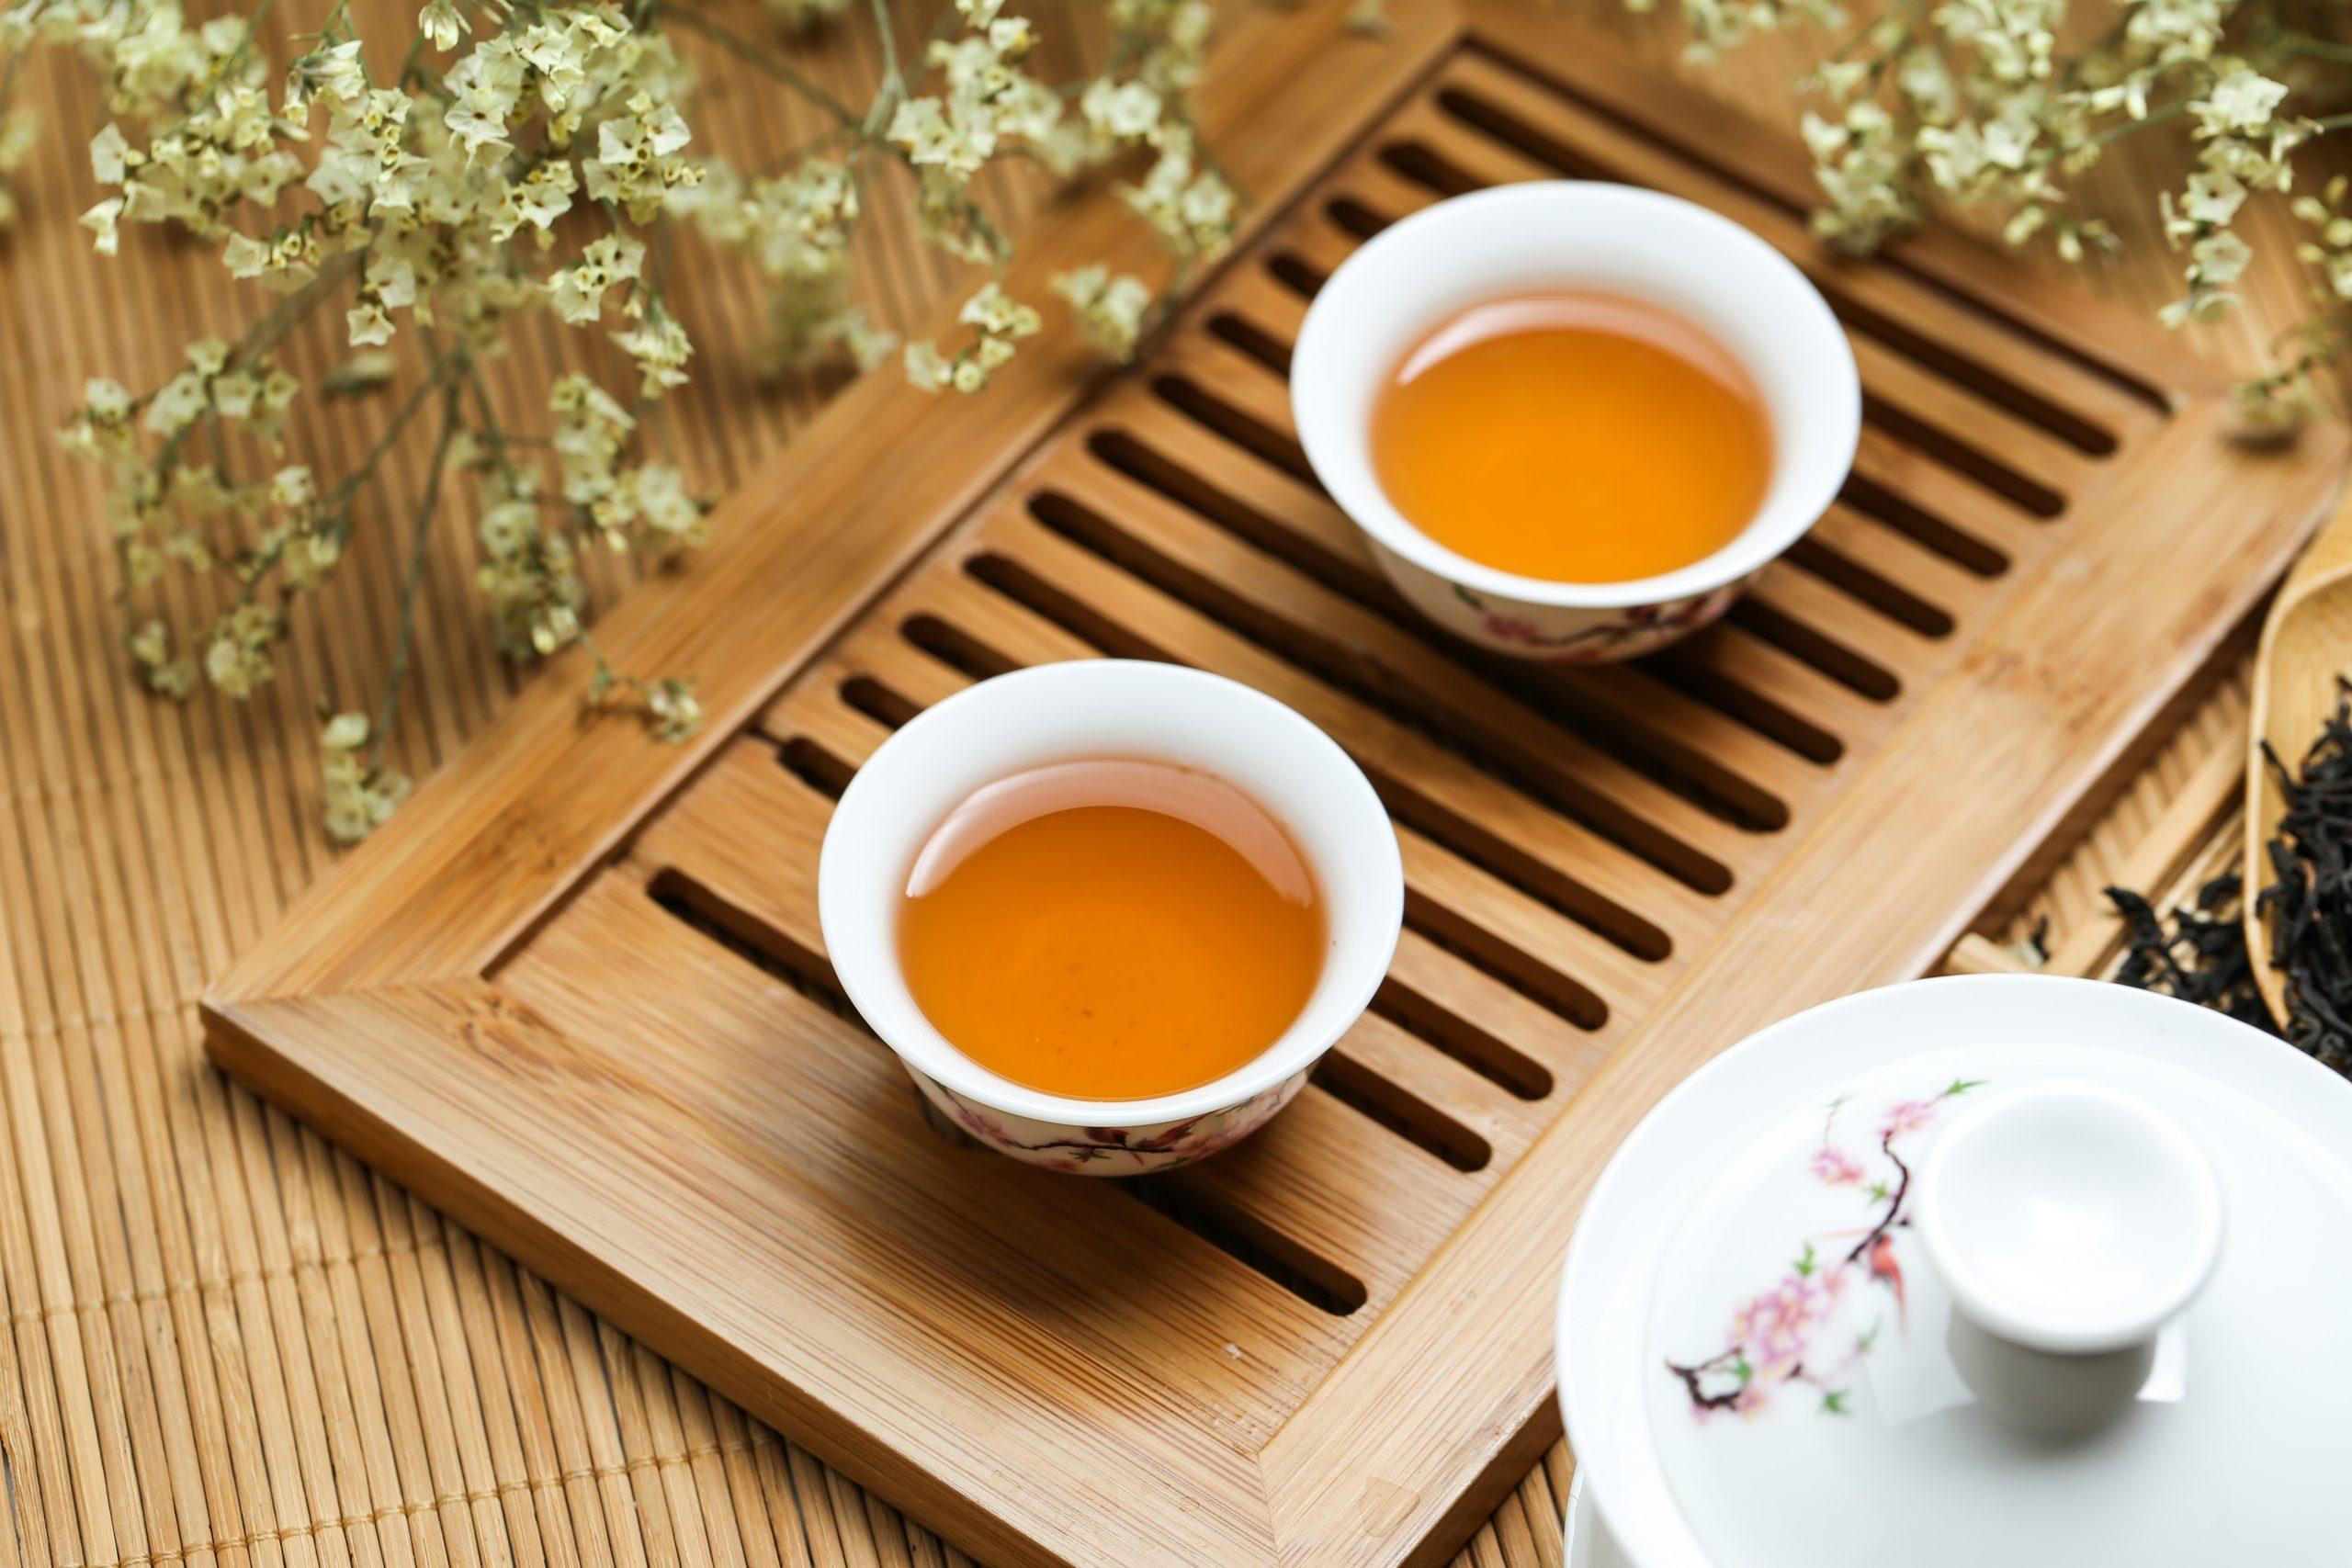 Yeşil Çayın Kilo Vermeye Etkisi Var Mıdır? | 18 Eylül 2021